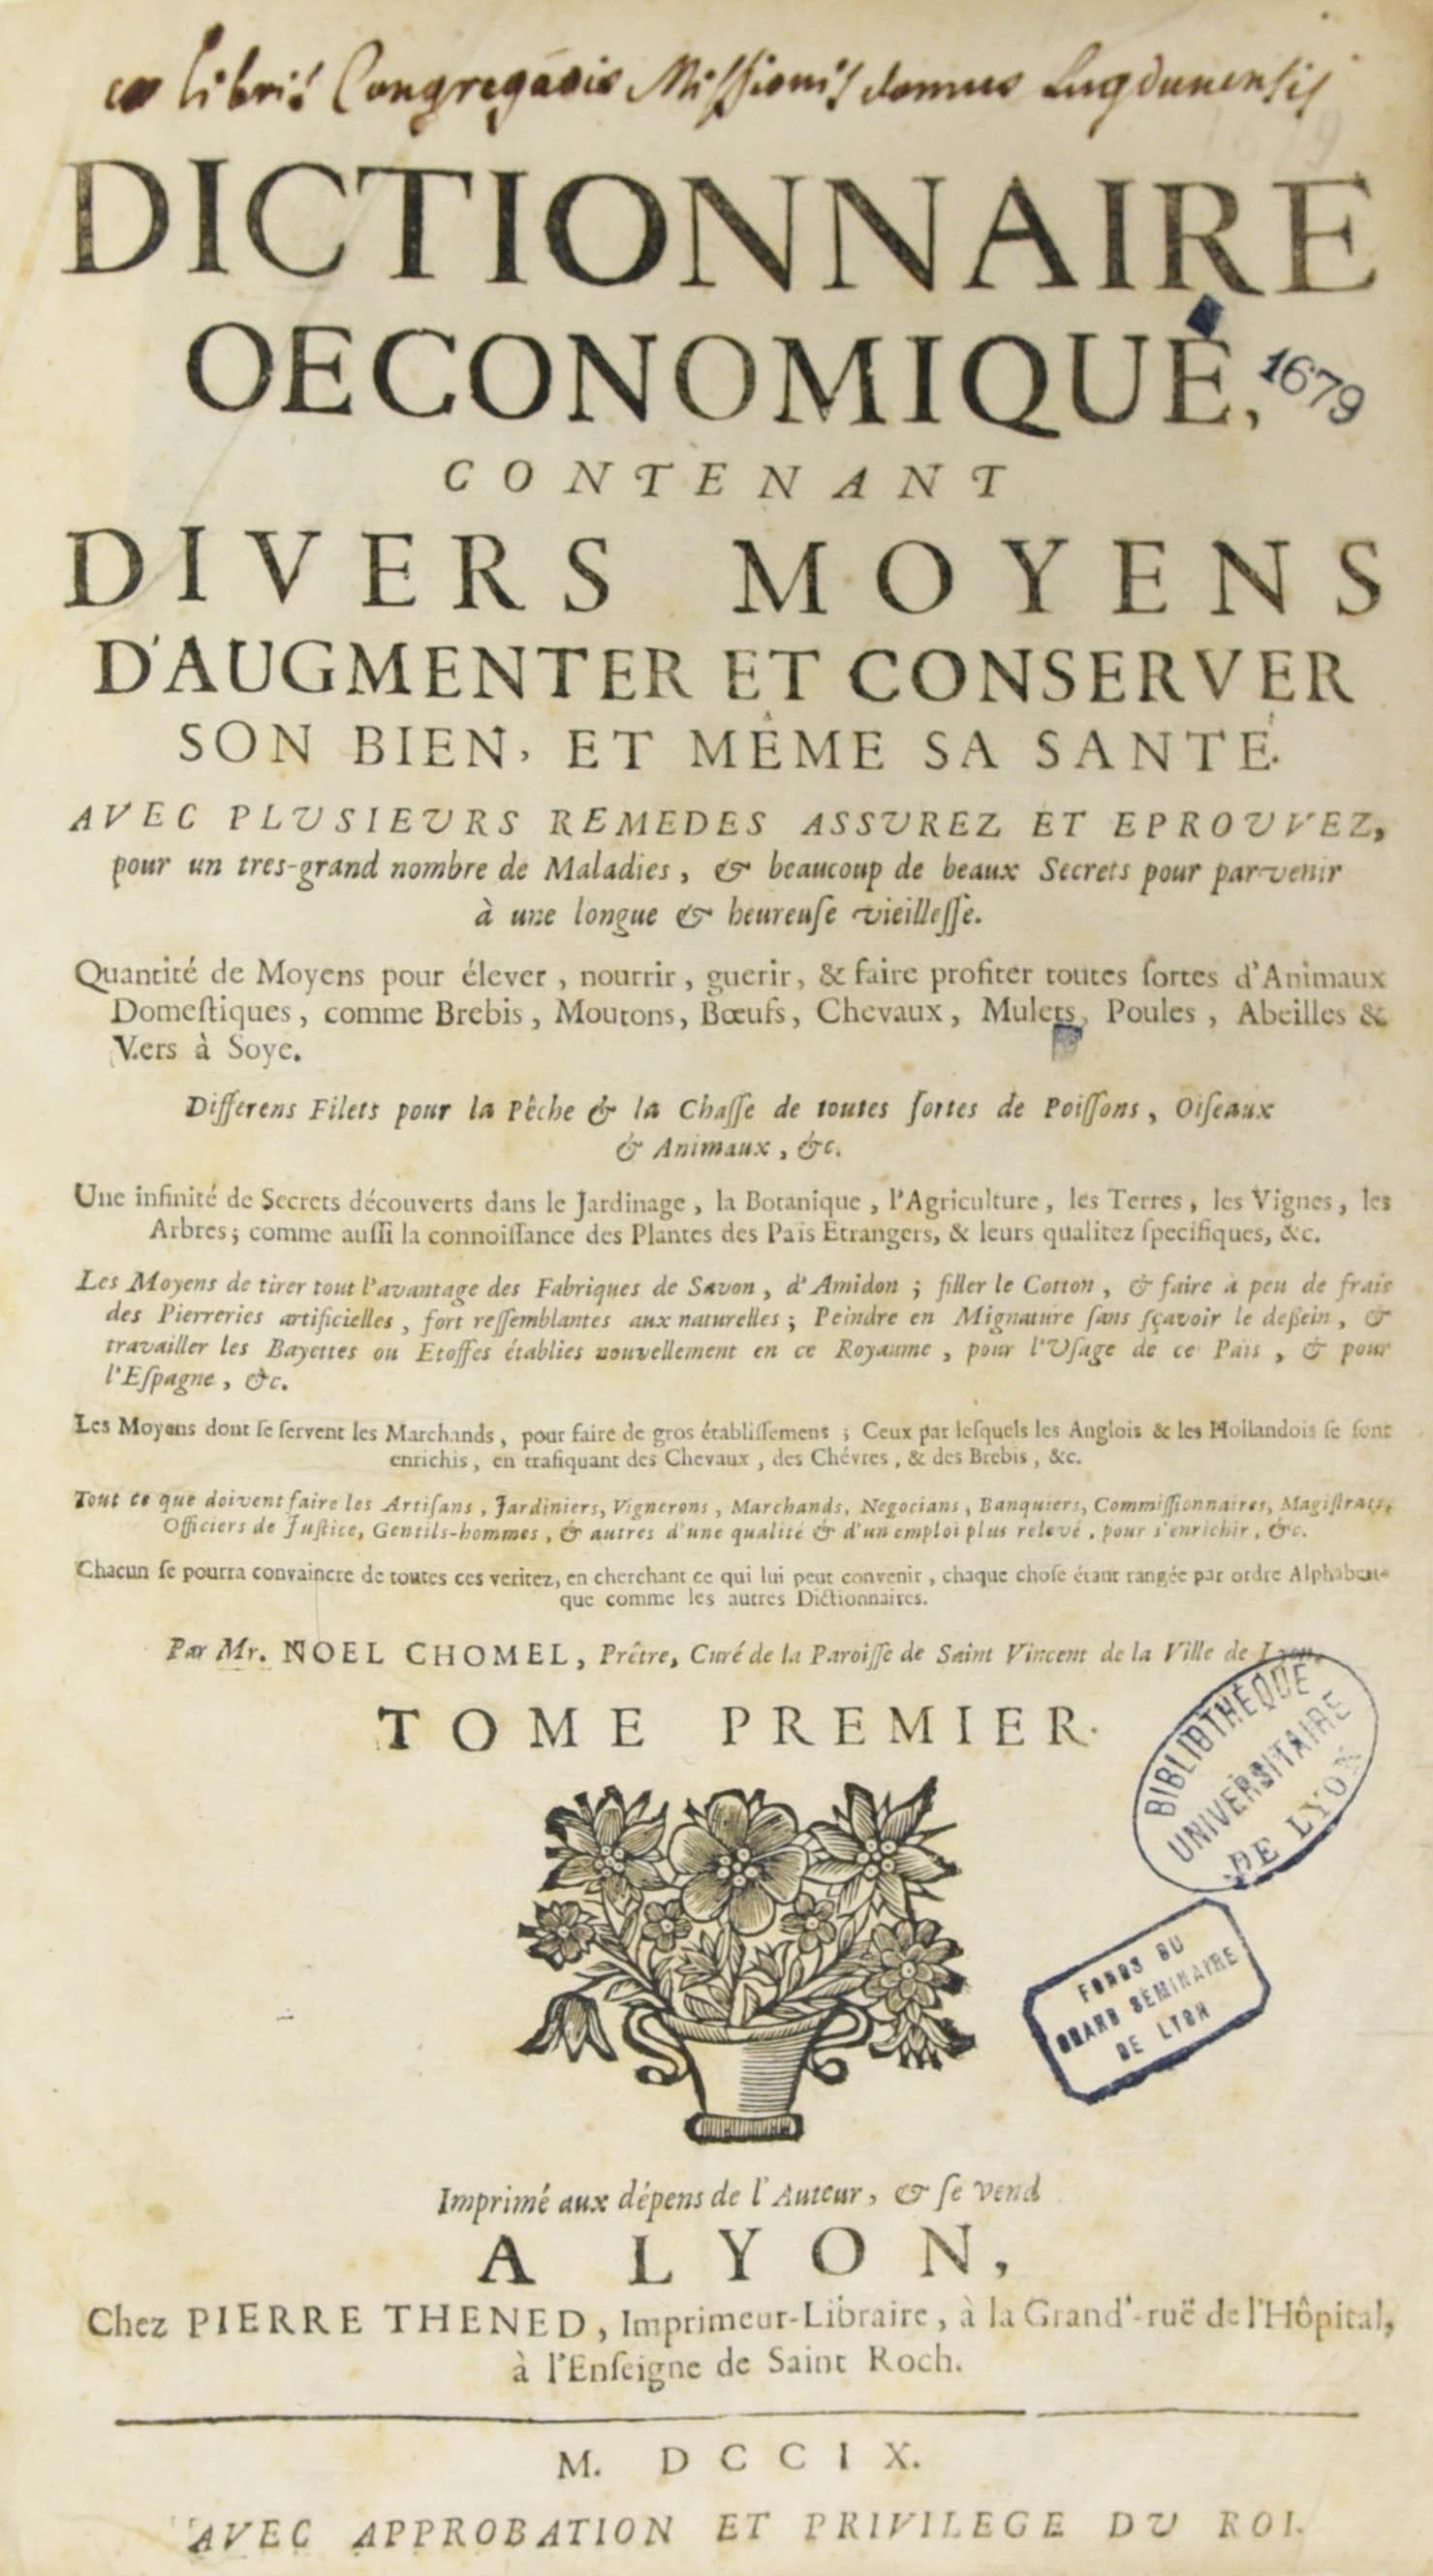 Dictionnaire Oeconomique - 1-1